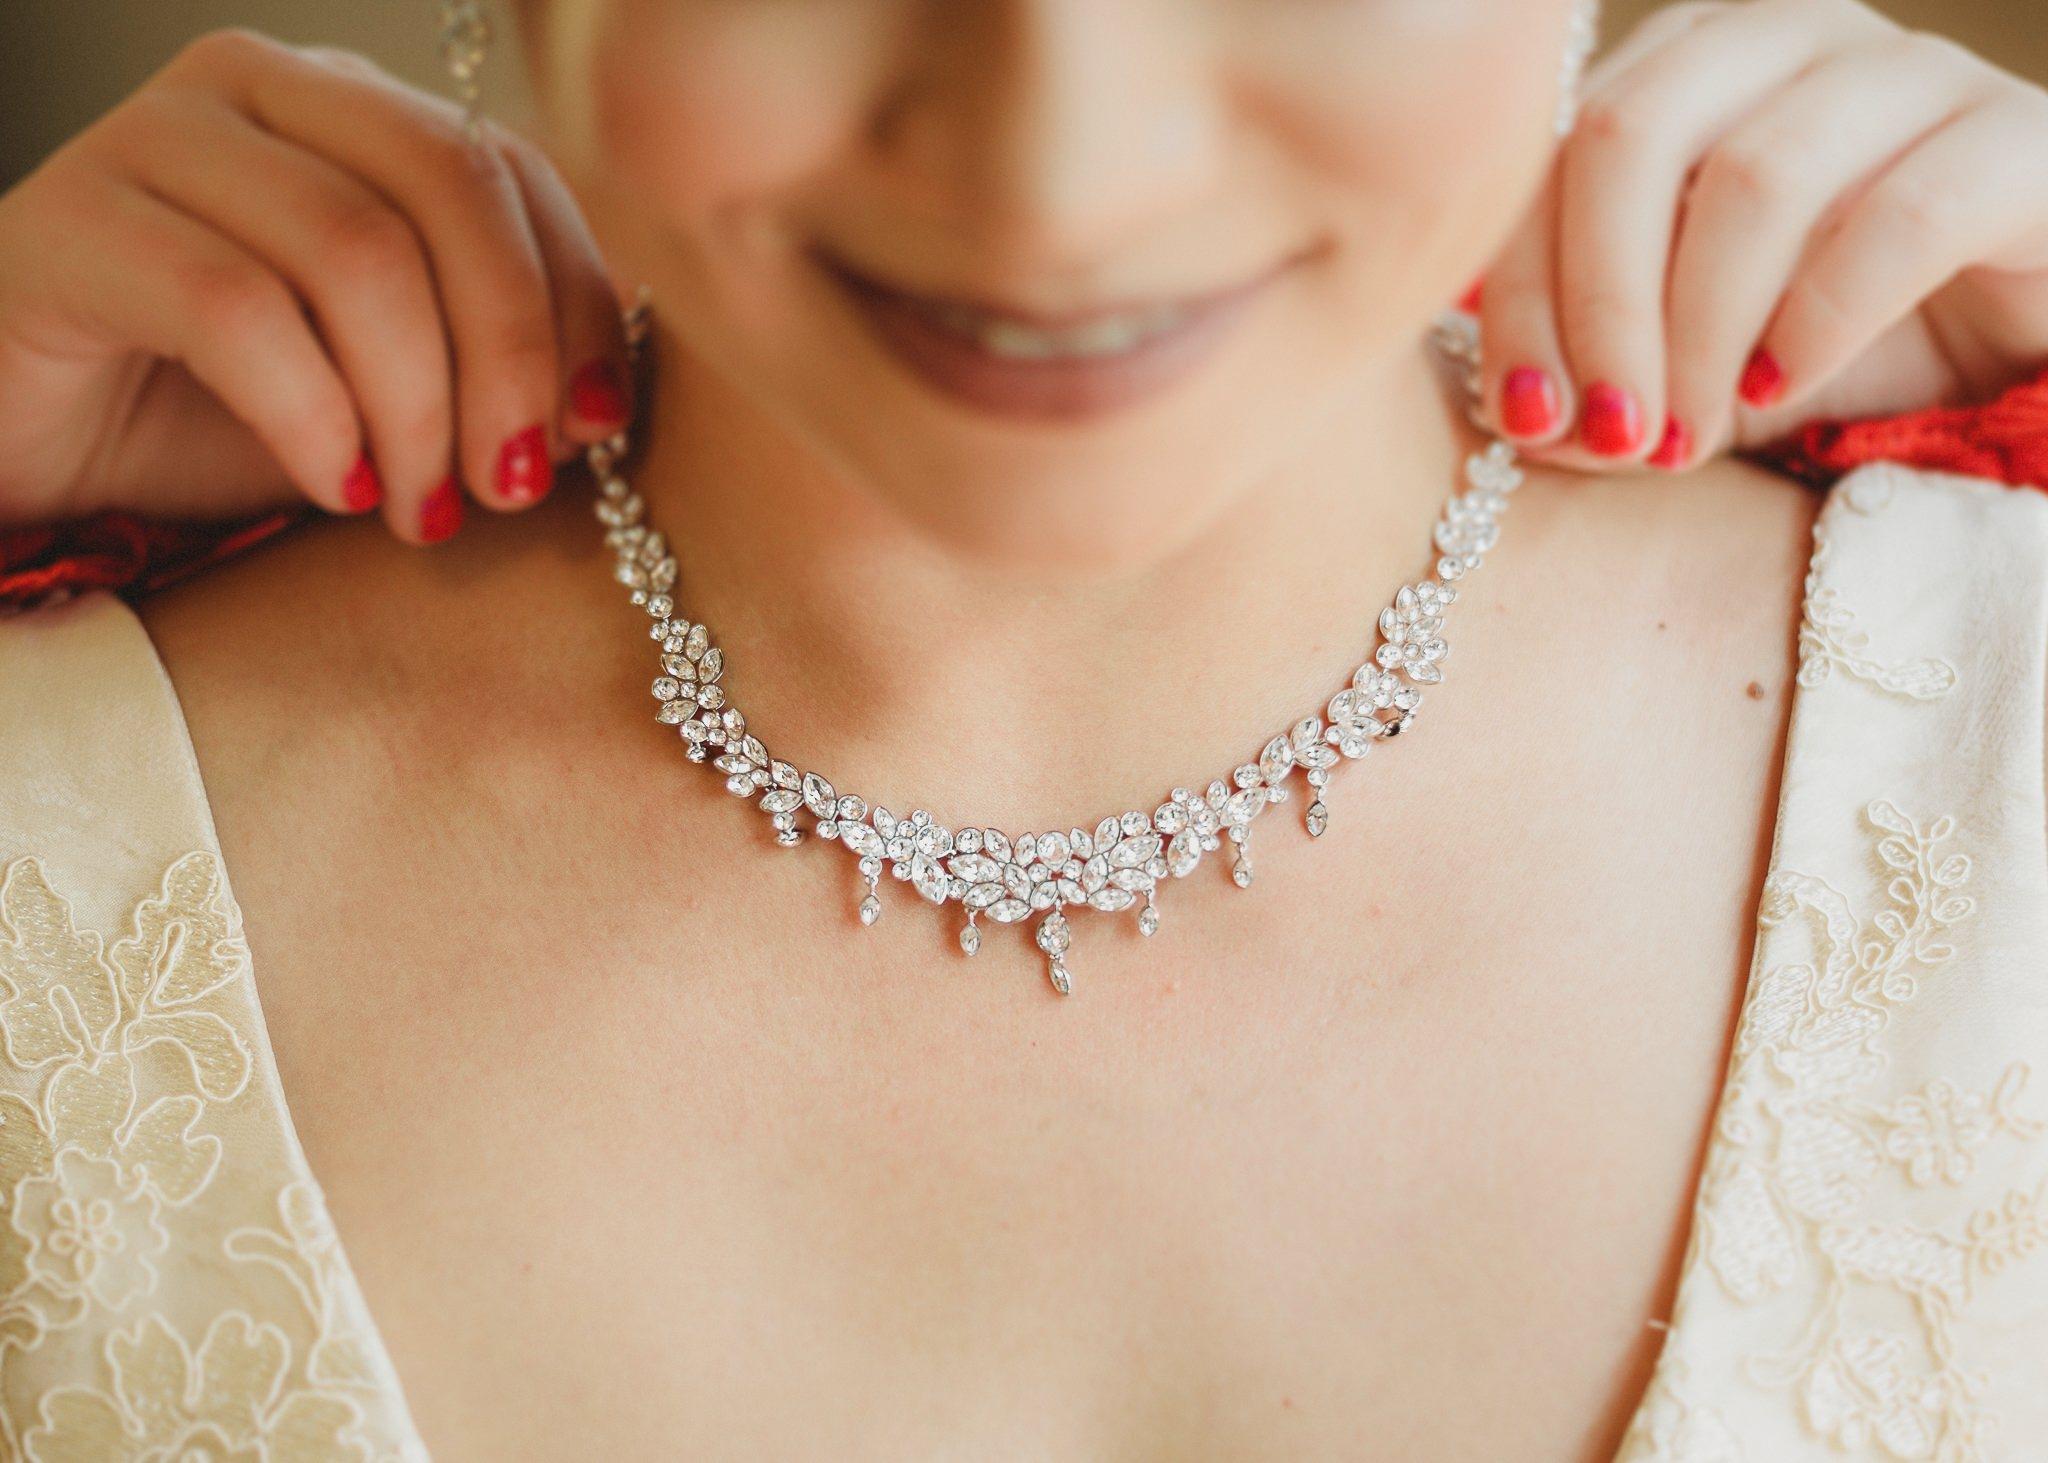 01getting-ready-wedding-hotel-las-trojes-boda-preparativos-fotografo-luis-houdin45